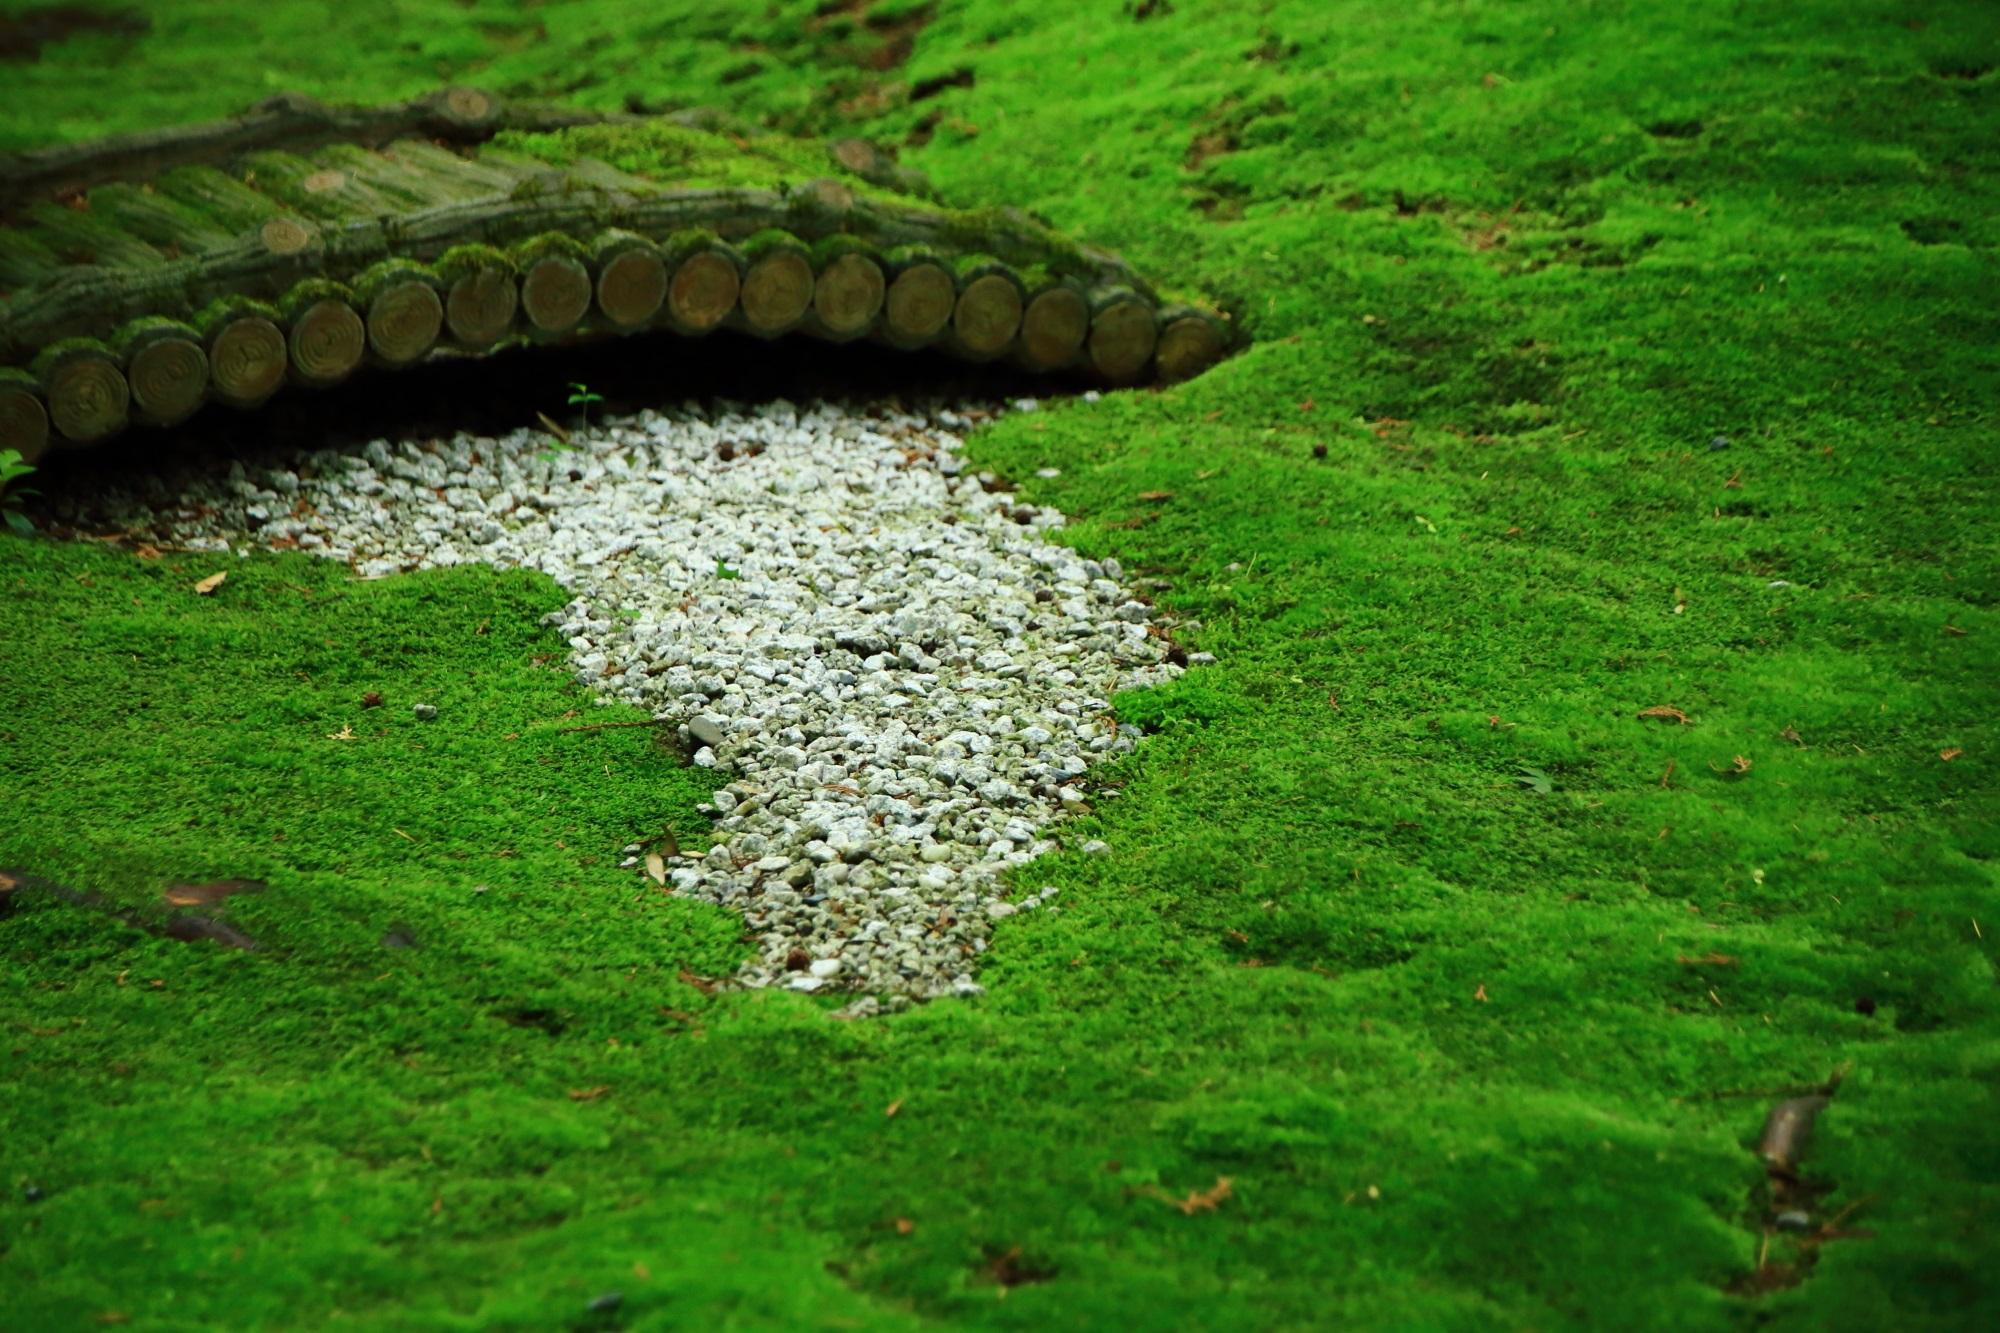 嵯峨野の野宮神社(ののみやじんじゃ)の苔と白砂